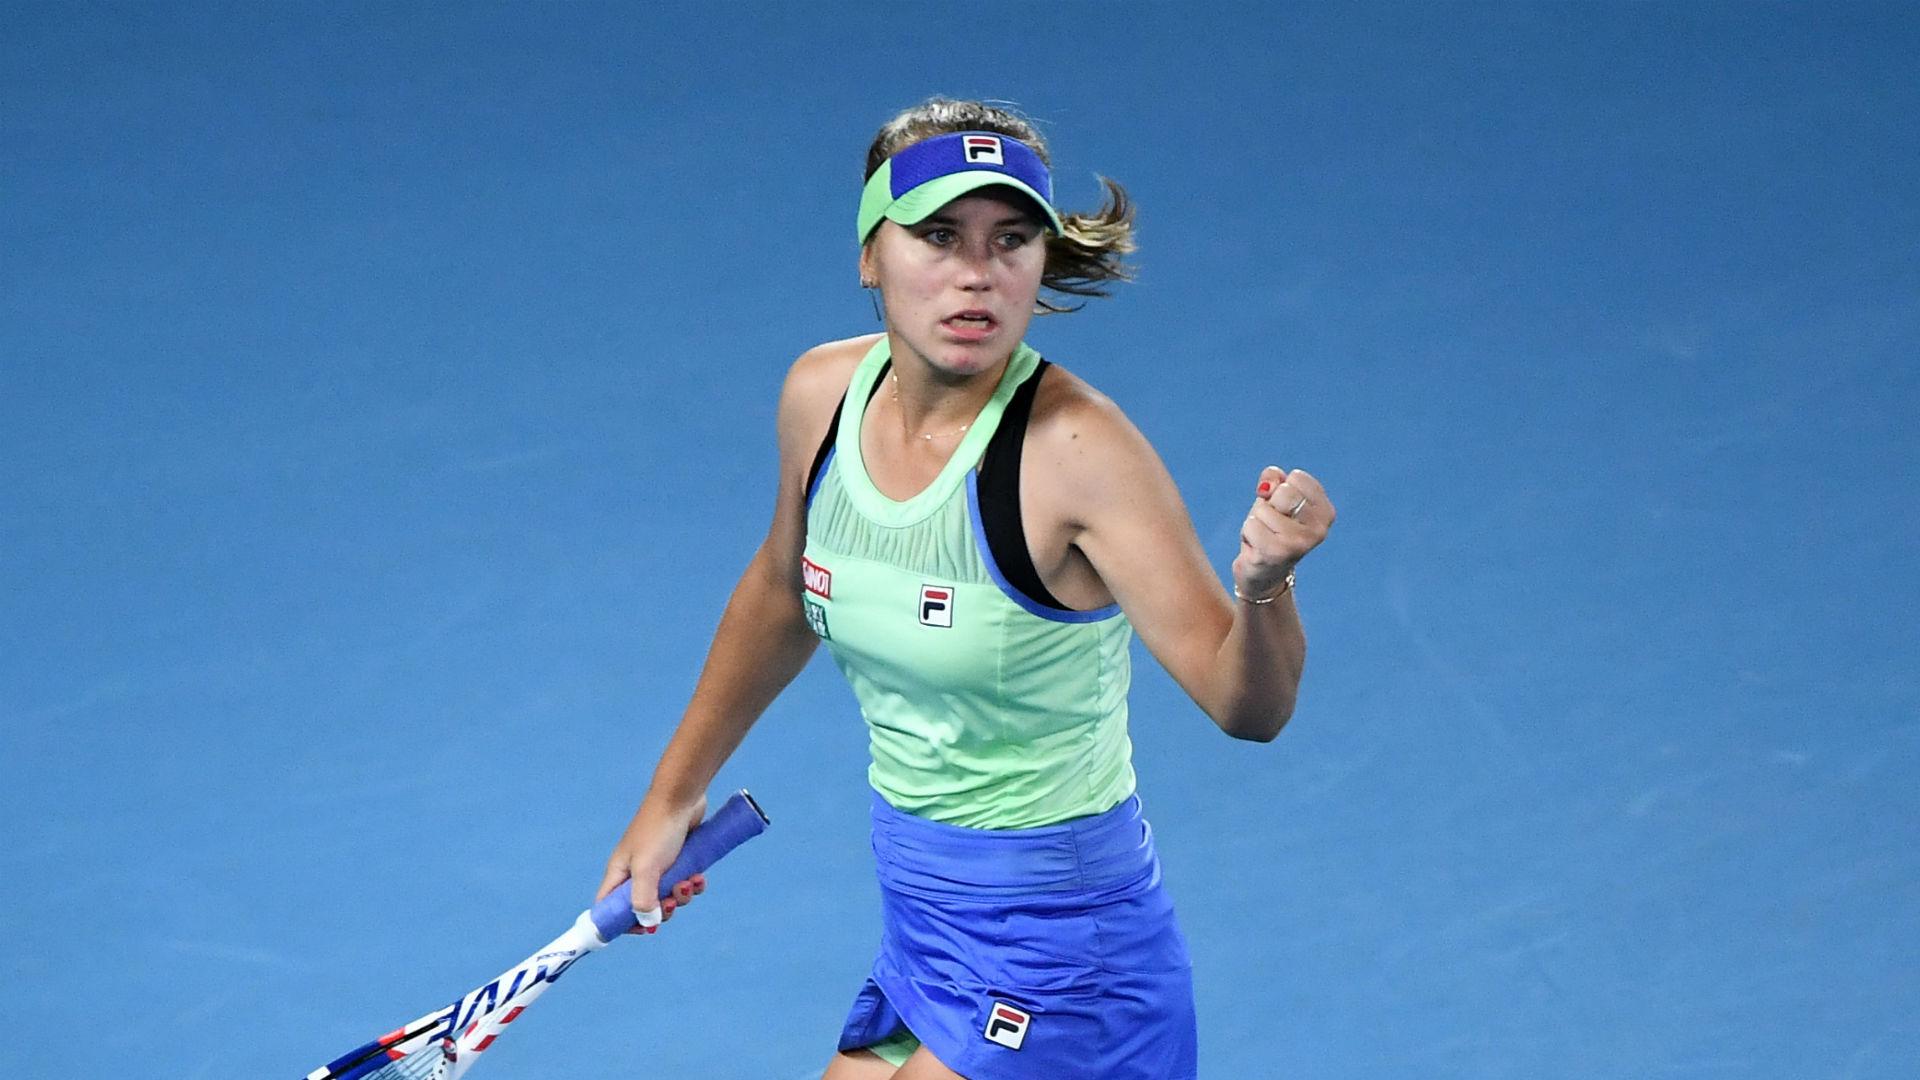 BREAKING NEWS: Sofia Kenin wins Australian Open final against Garbine Muguruza